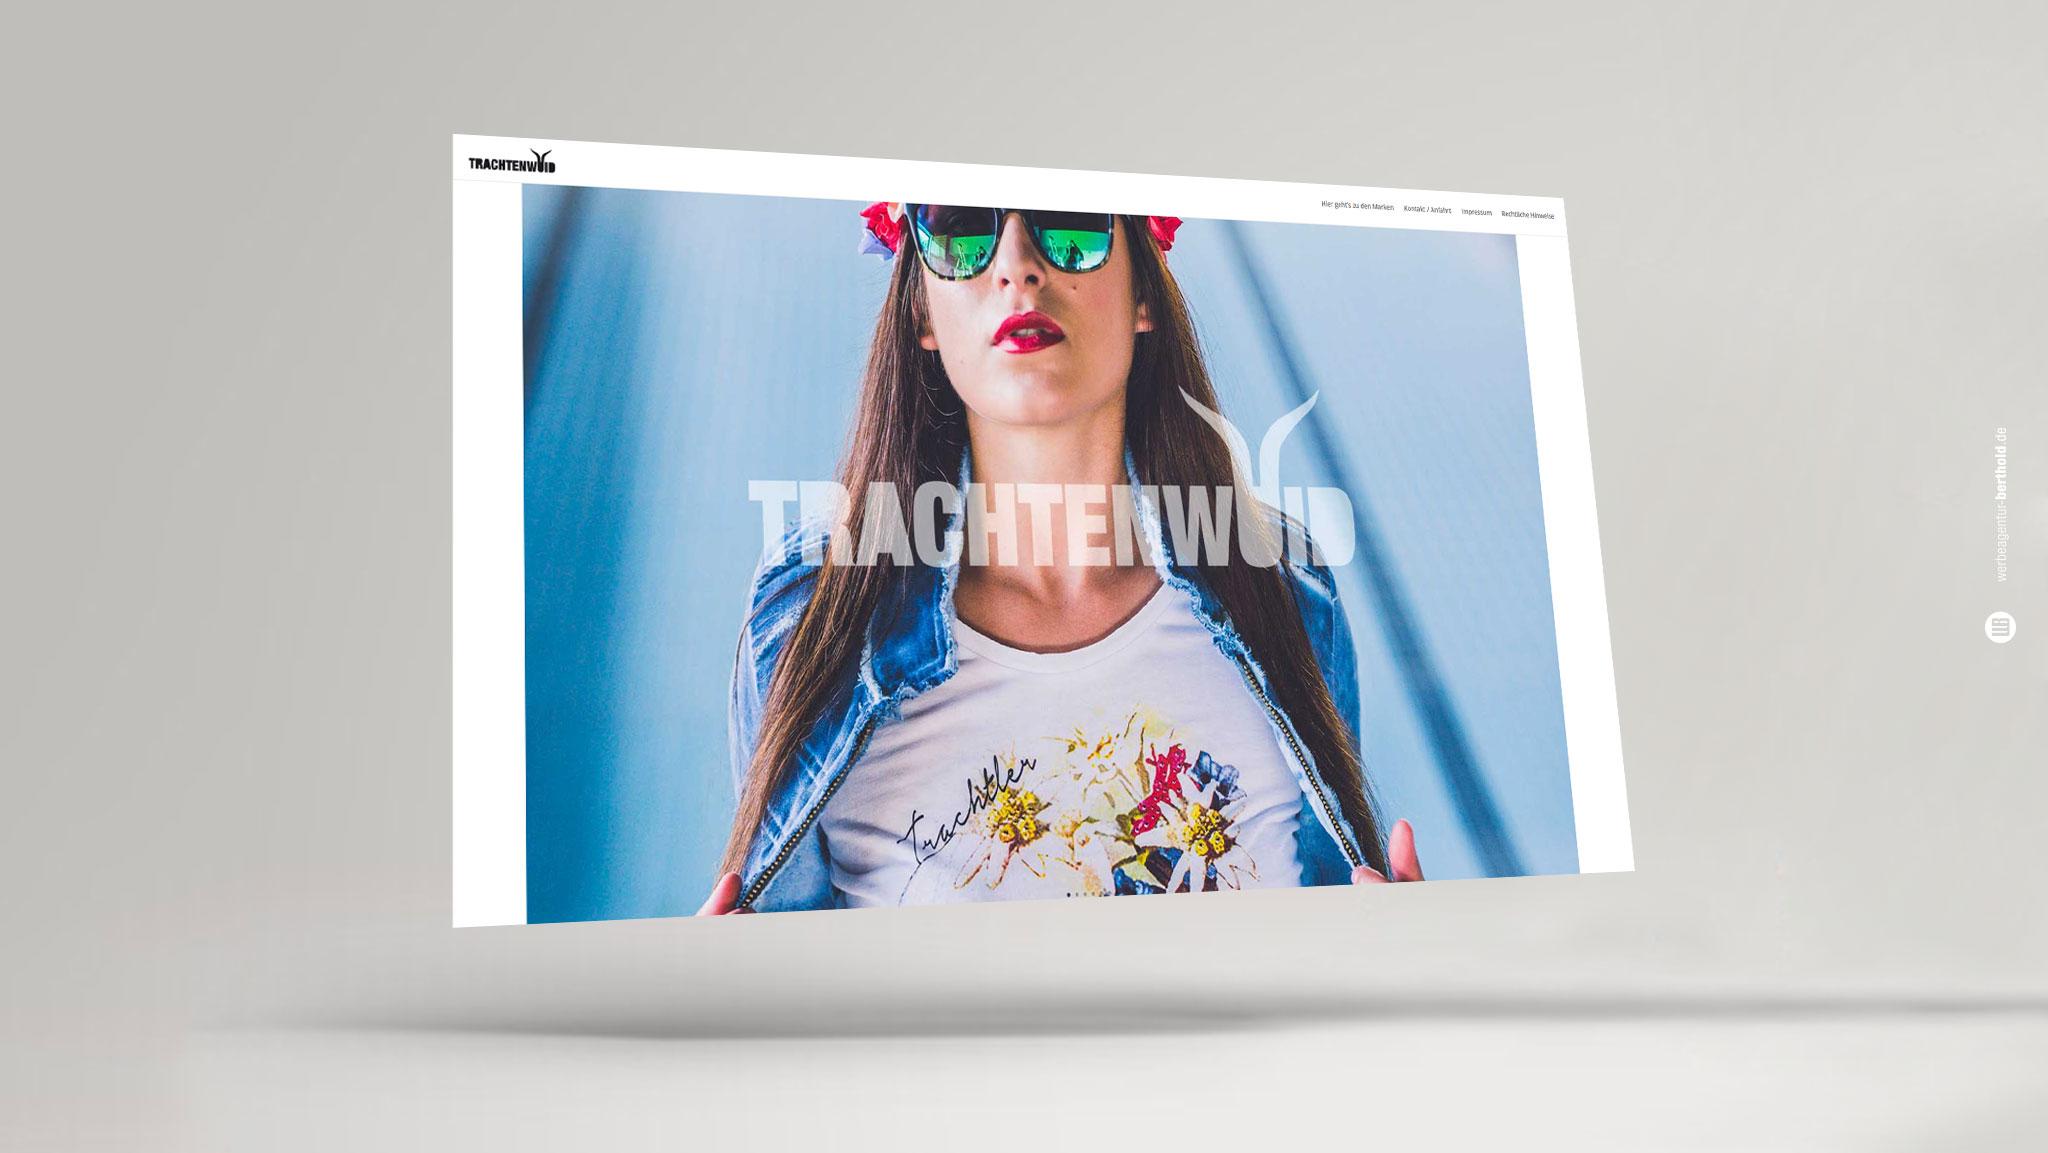 Trachtenwuid, Homepage